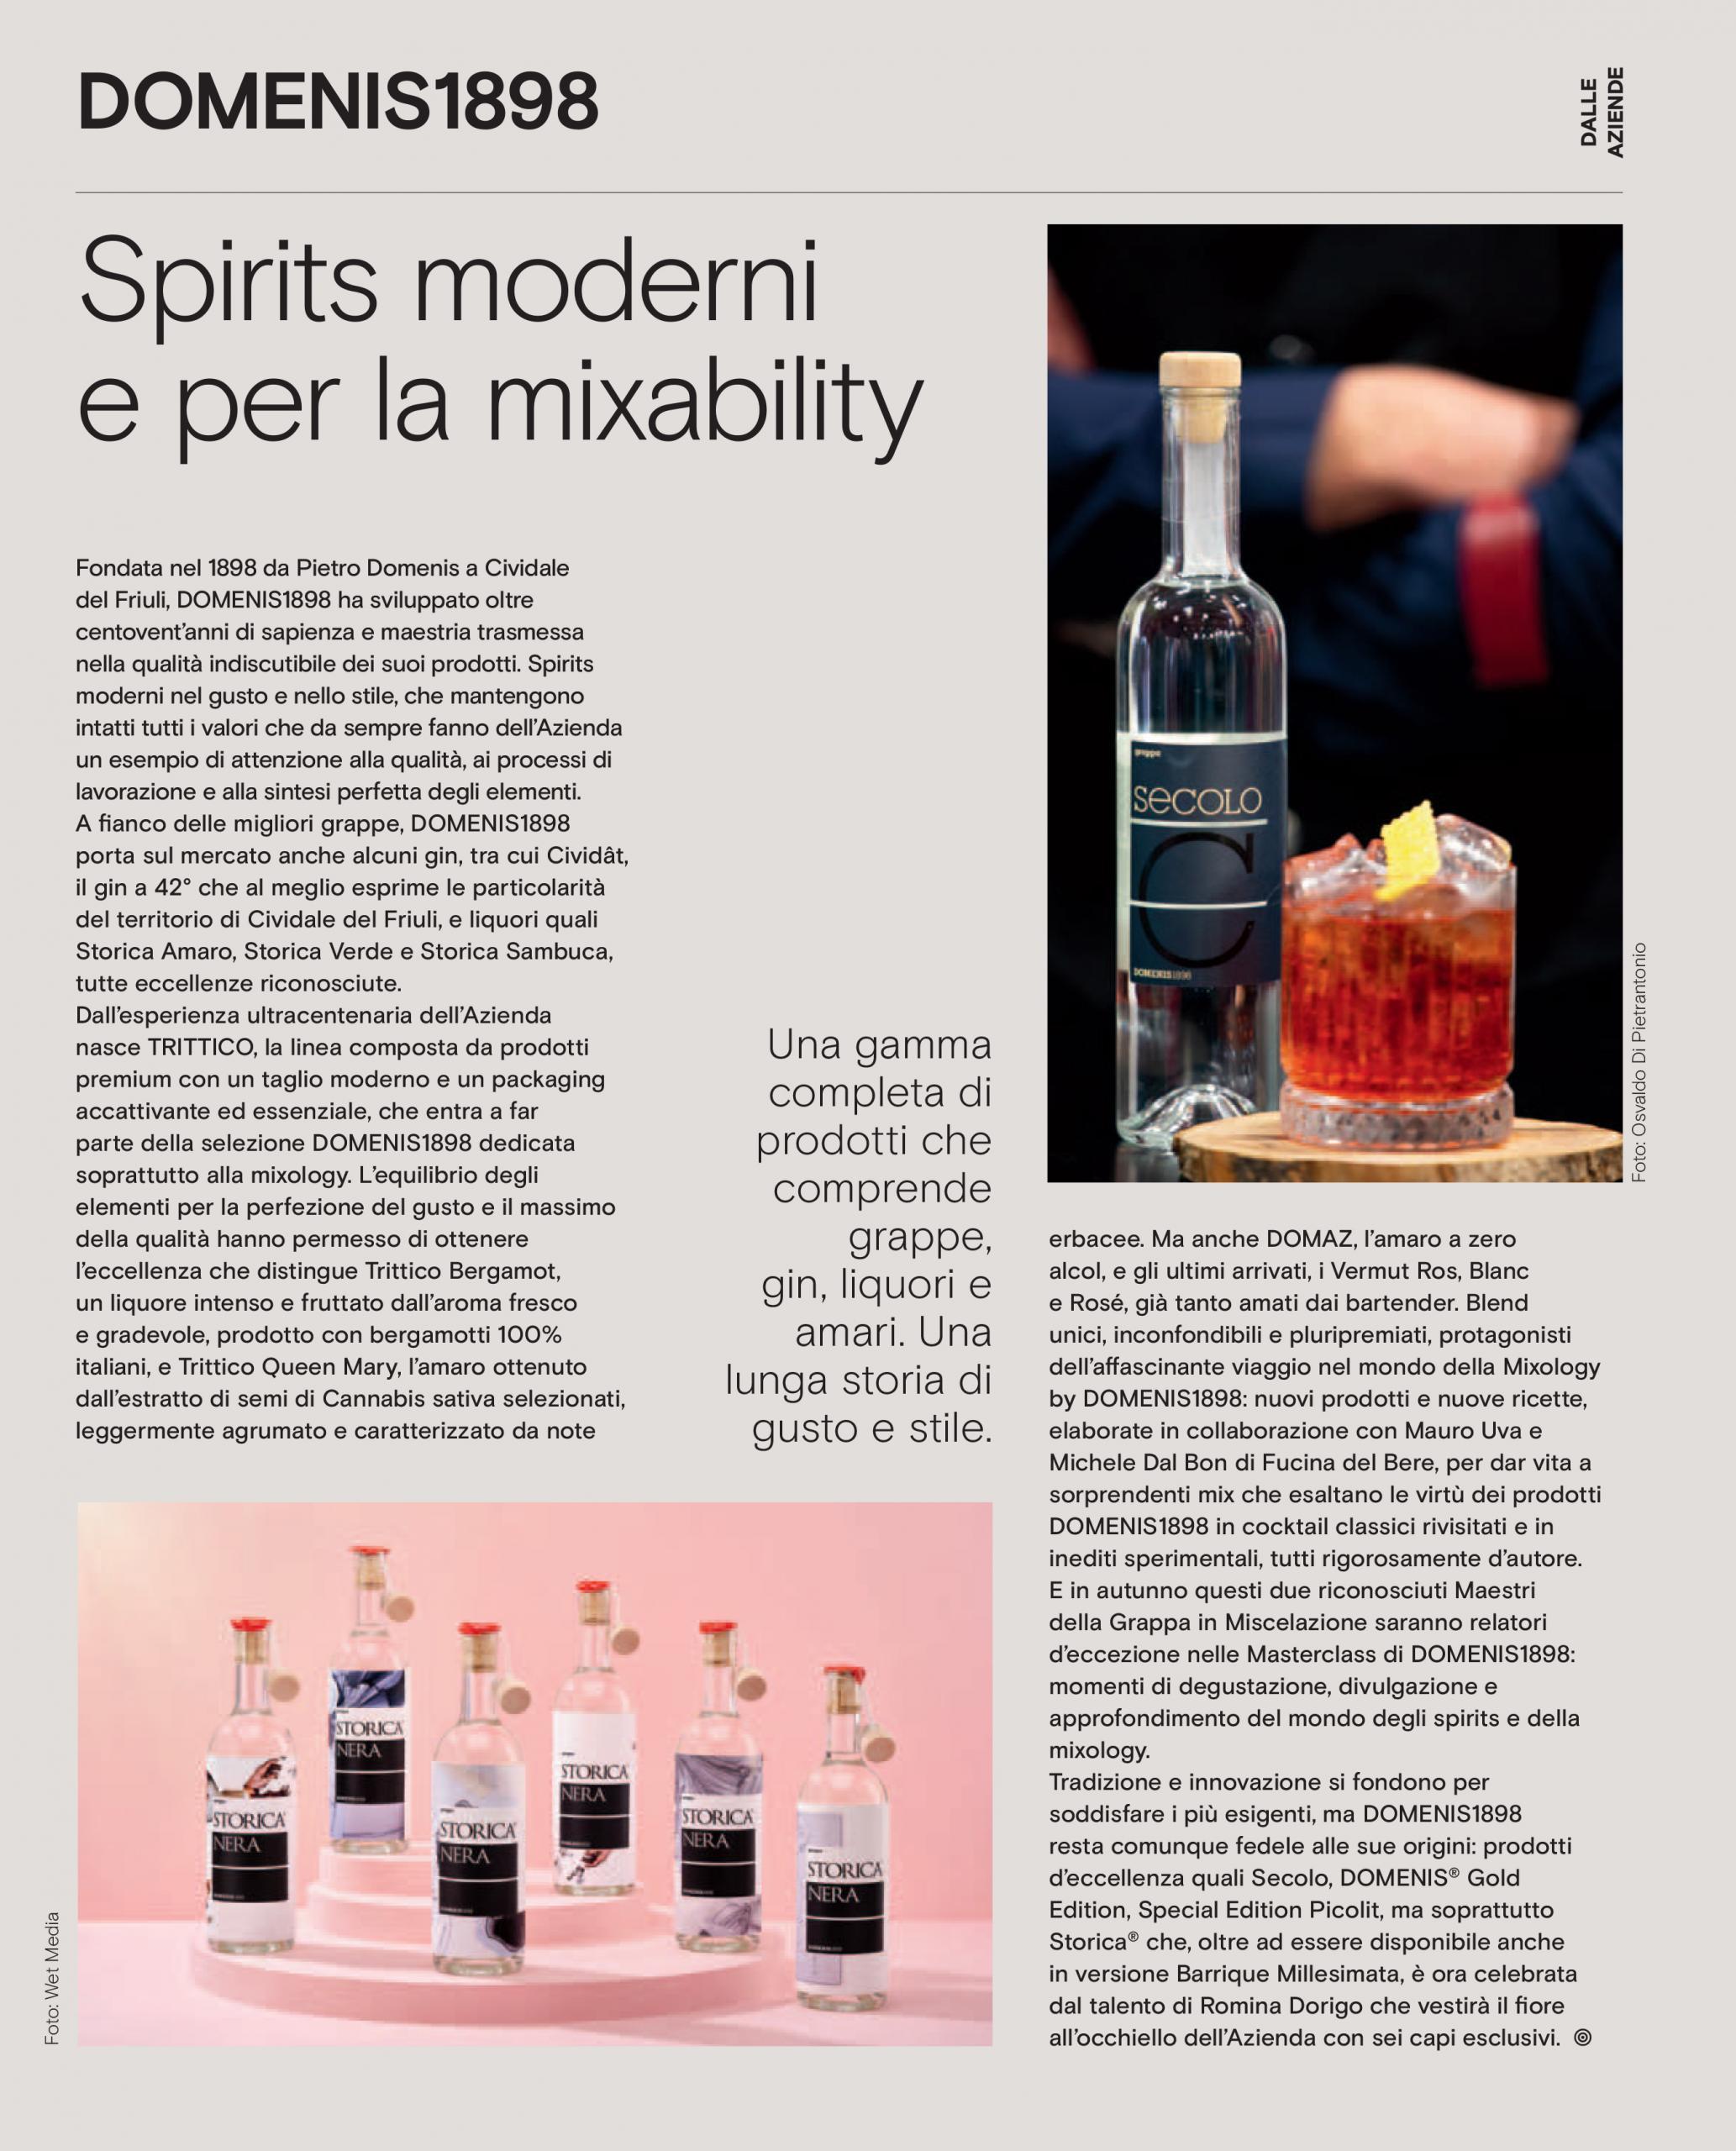 2021 luglio 23: Mixer N.338 – Spirits moderni e per la mixability